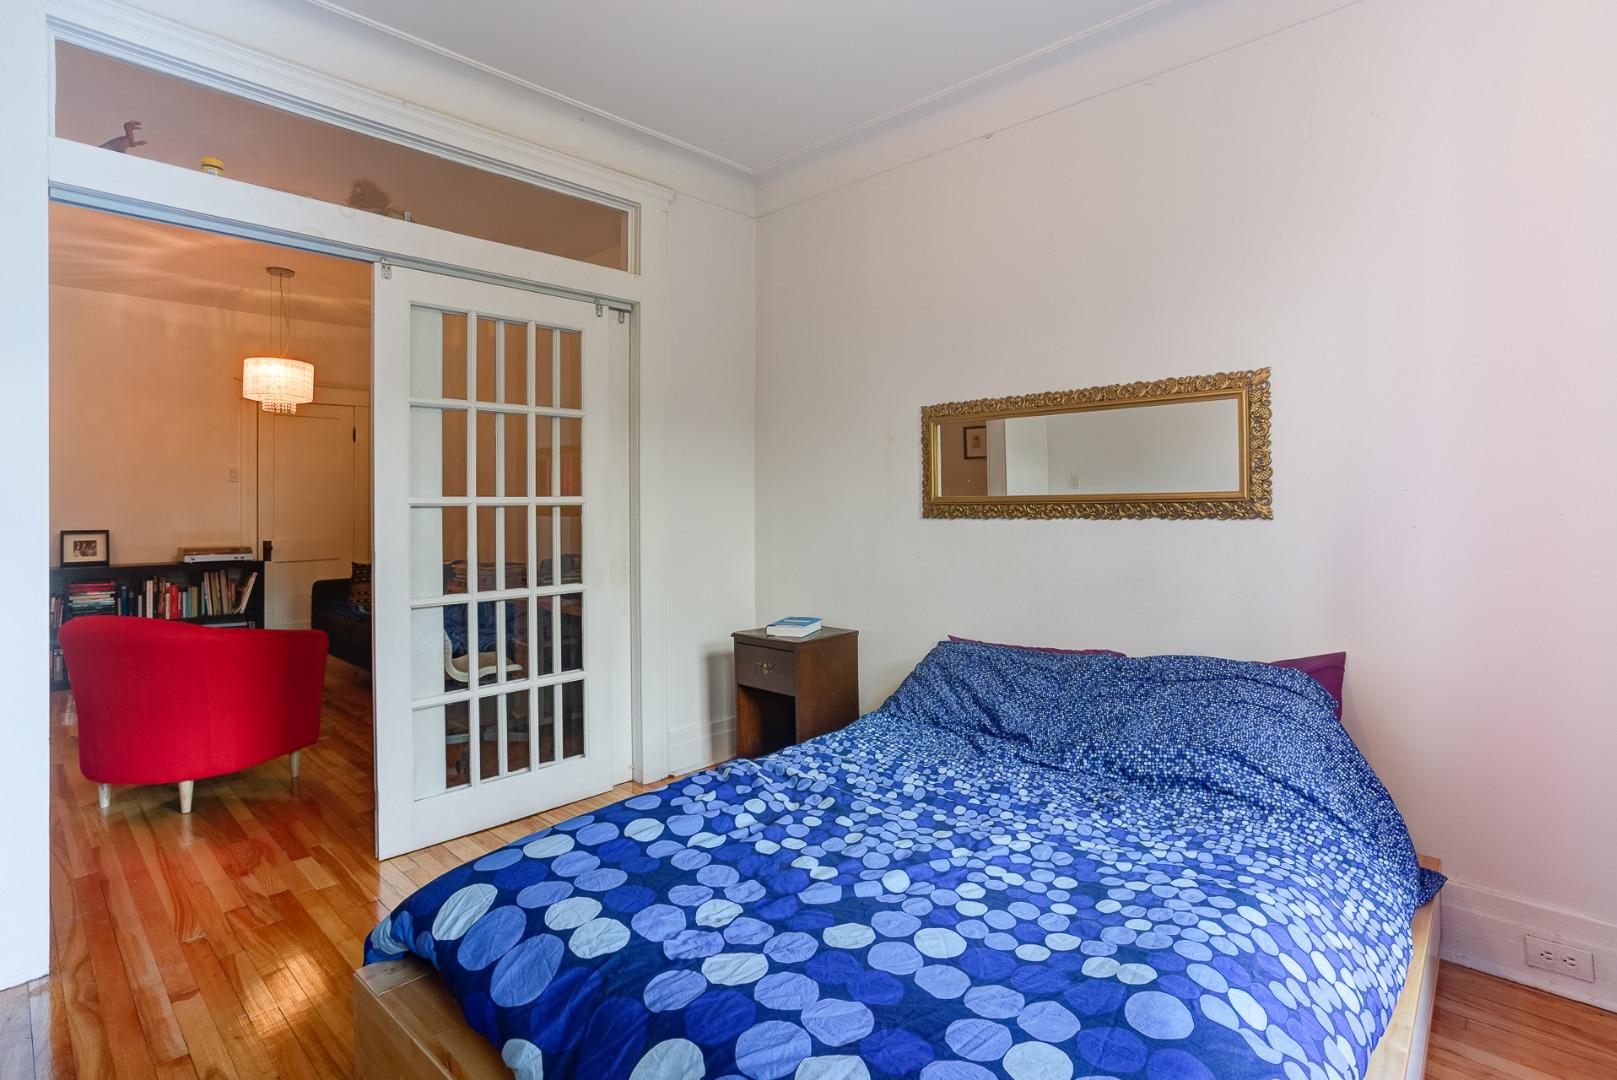 Condo à vendre Montréal Le Plateau Mont-Royal / Mile-end - Chambre à coucher